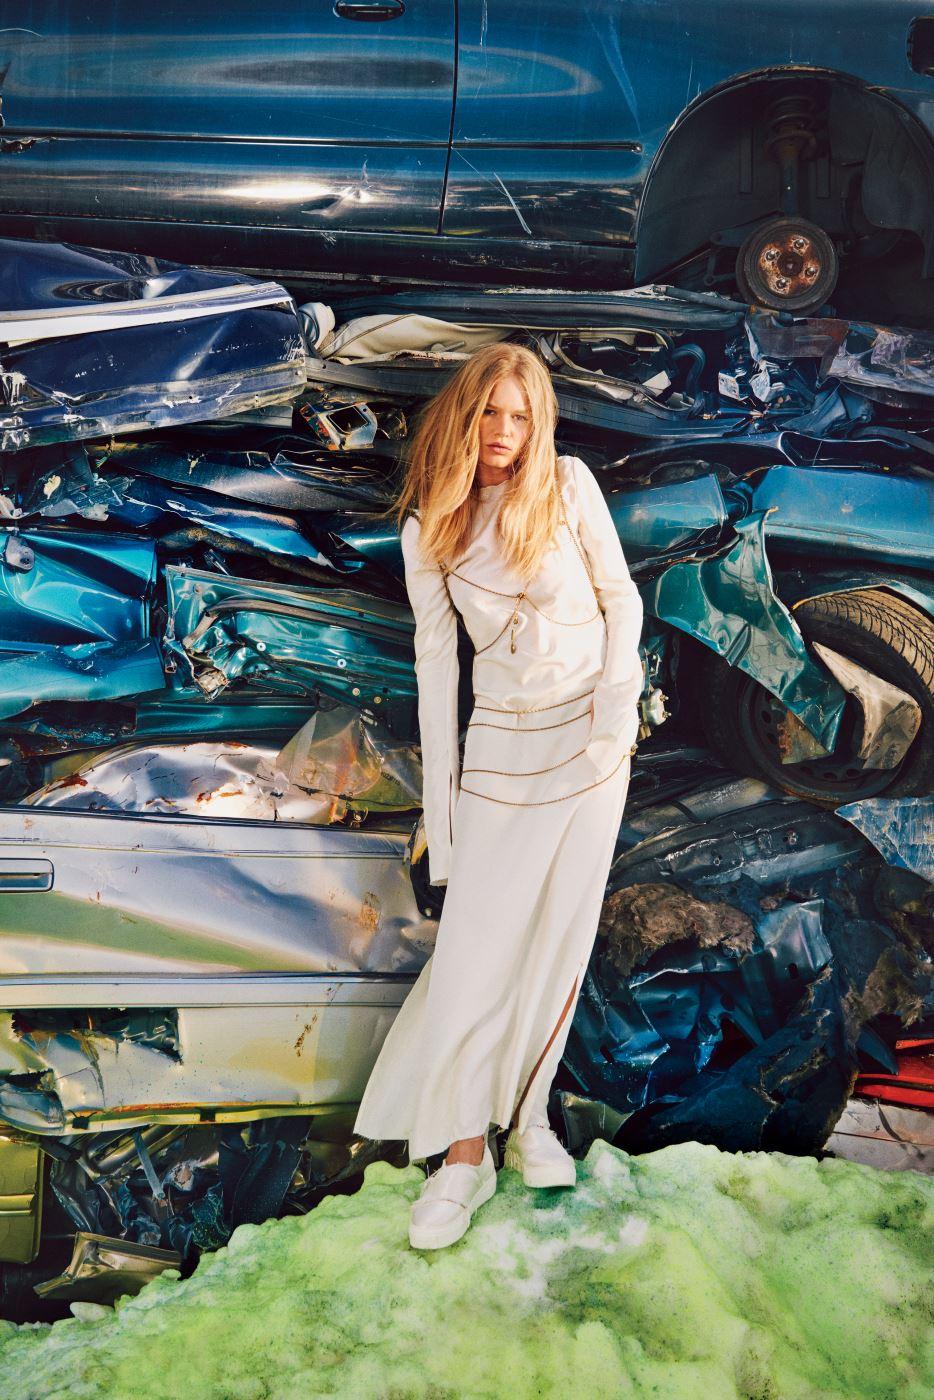 흰색 롱 드레스와 가느다란 체인 하니스, 슬립온은 모두 Calvin Klein Collection 제품. Beauty note: 늘어지는 건조한 머리에는 모로칸오일을 발라 볼륨감을 준다.